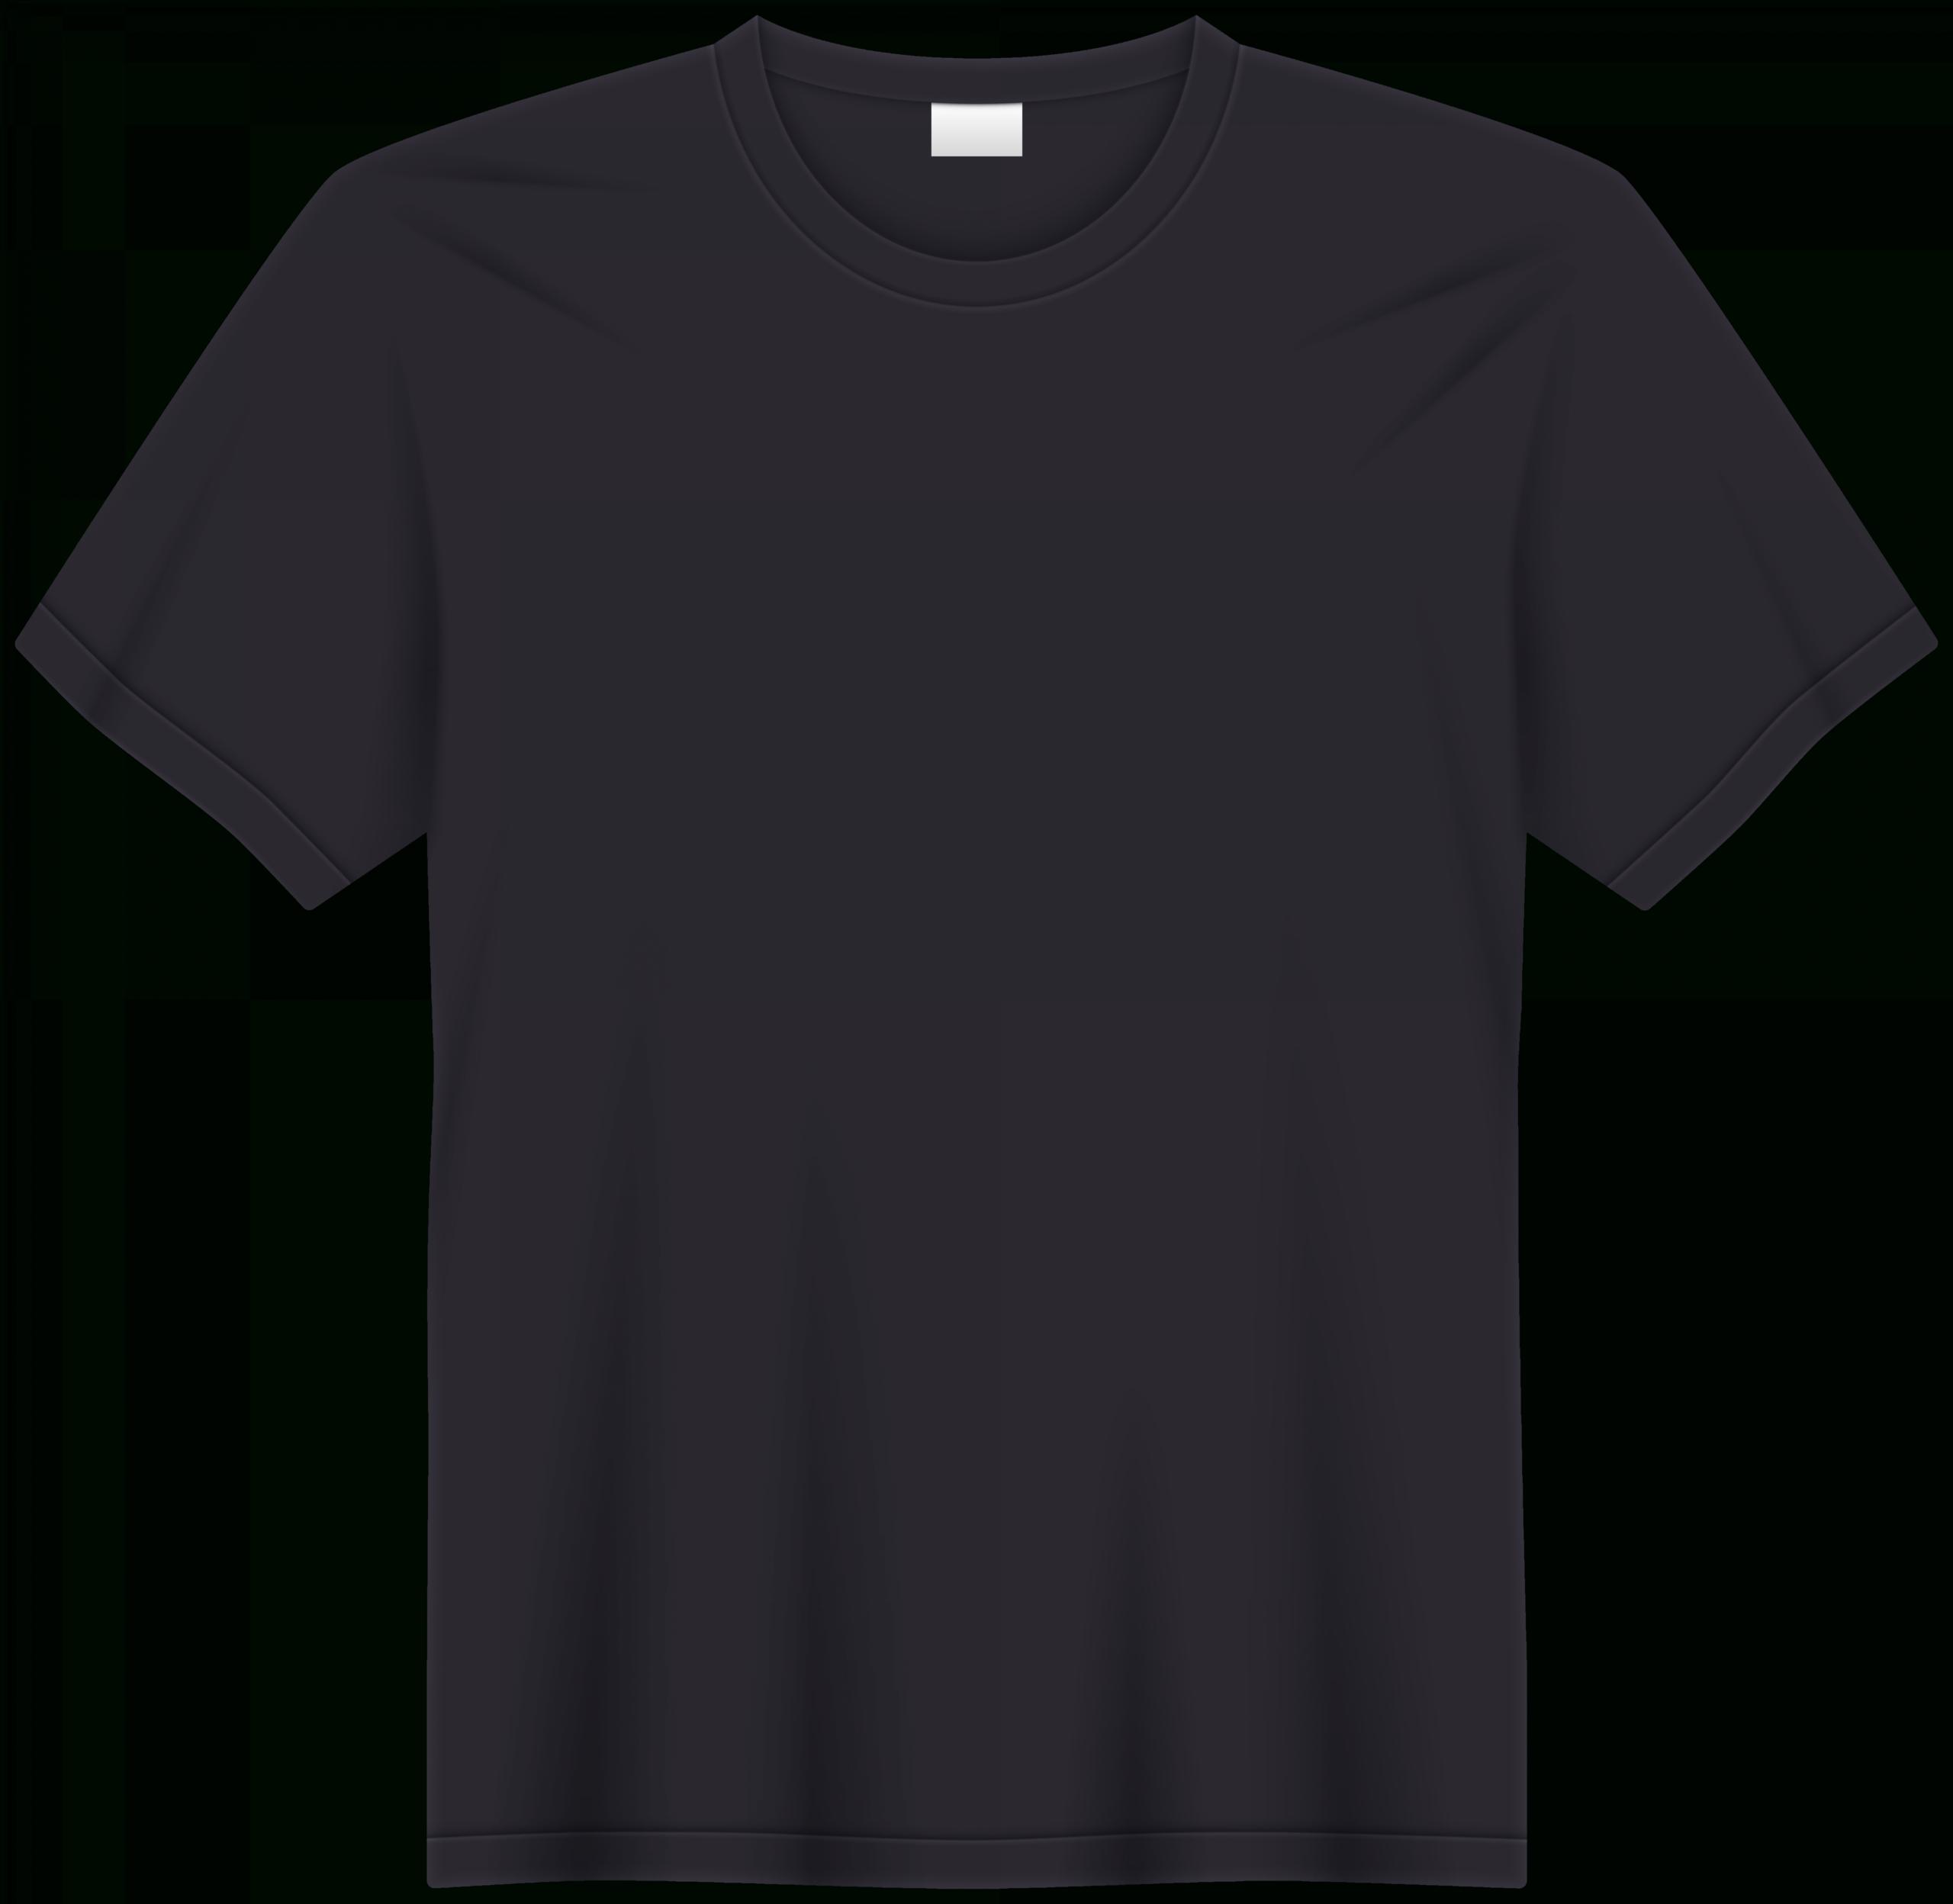 16 Black T Shirt Png T Shirt Png Black Tshirt All Blacks T Shirt